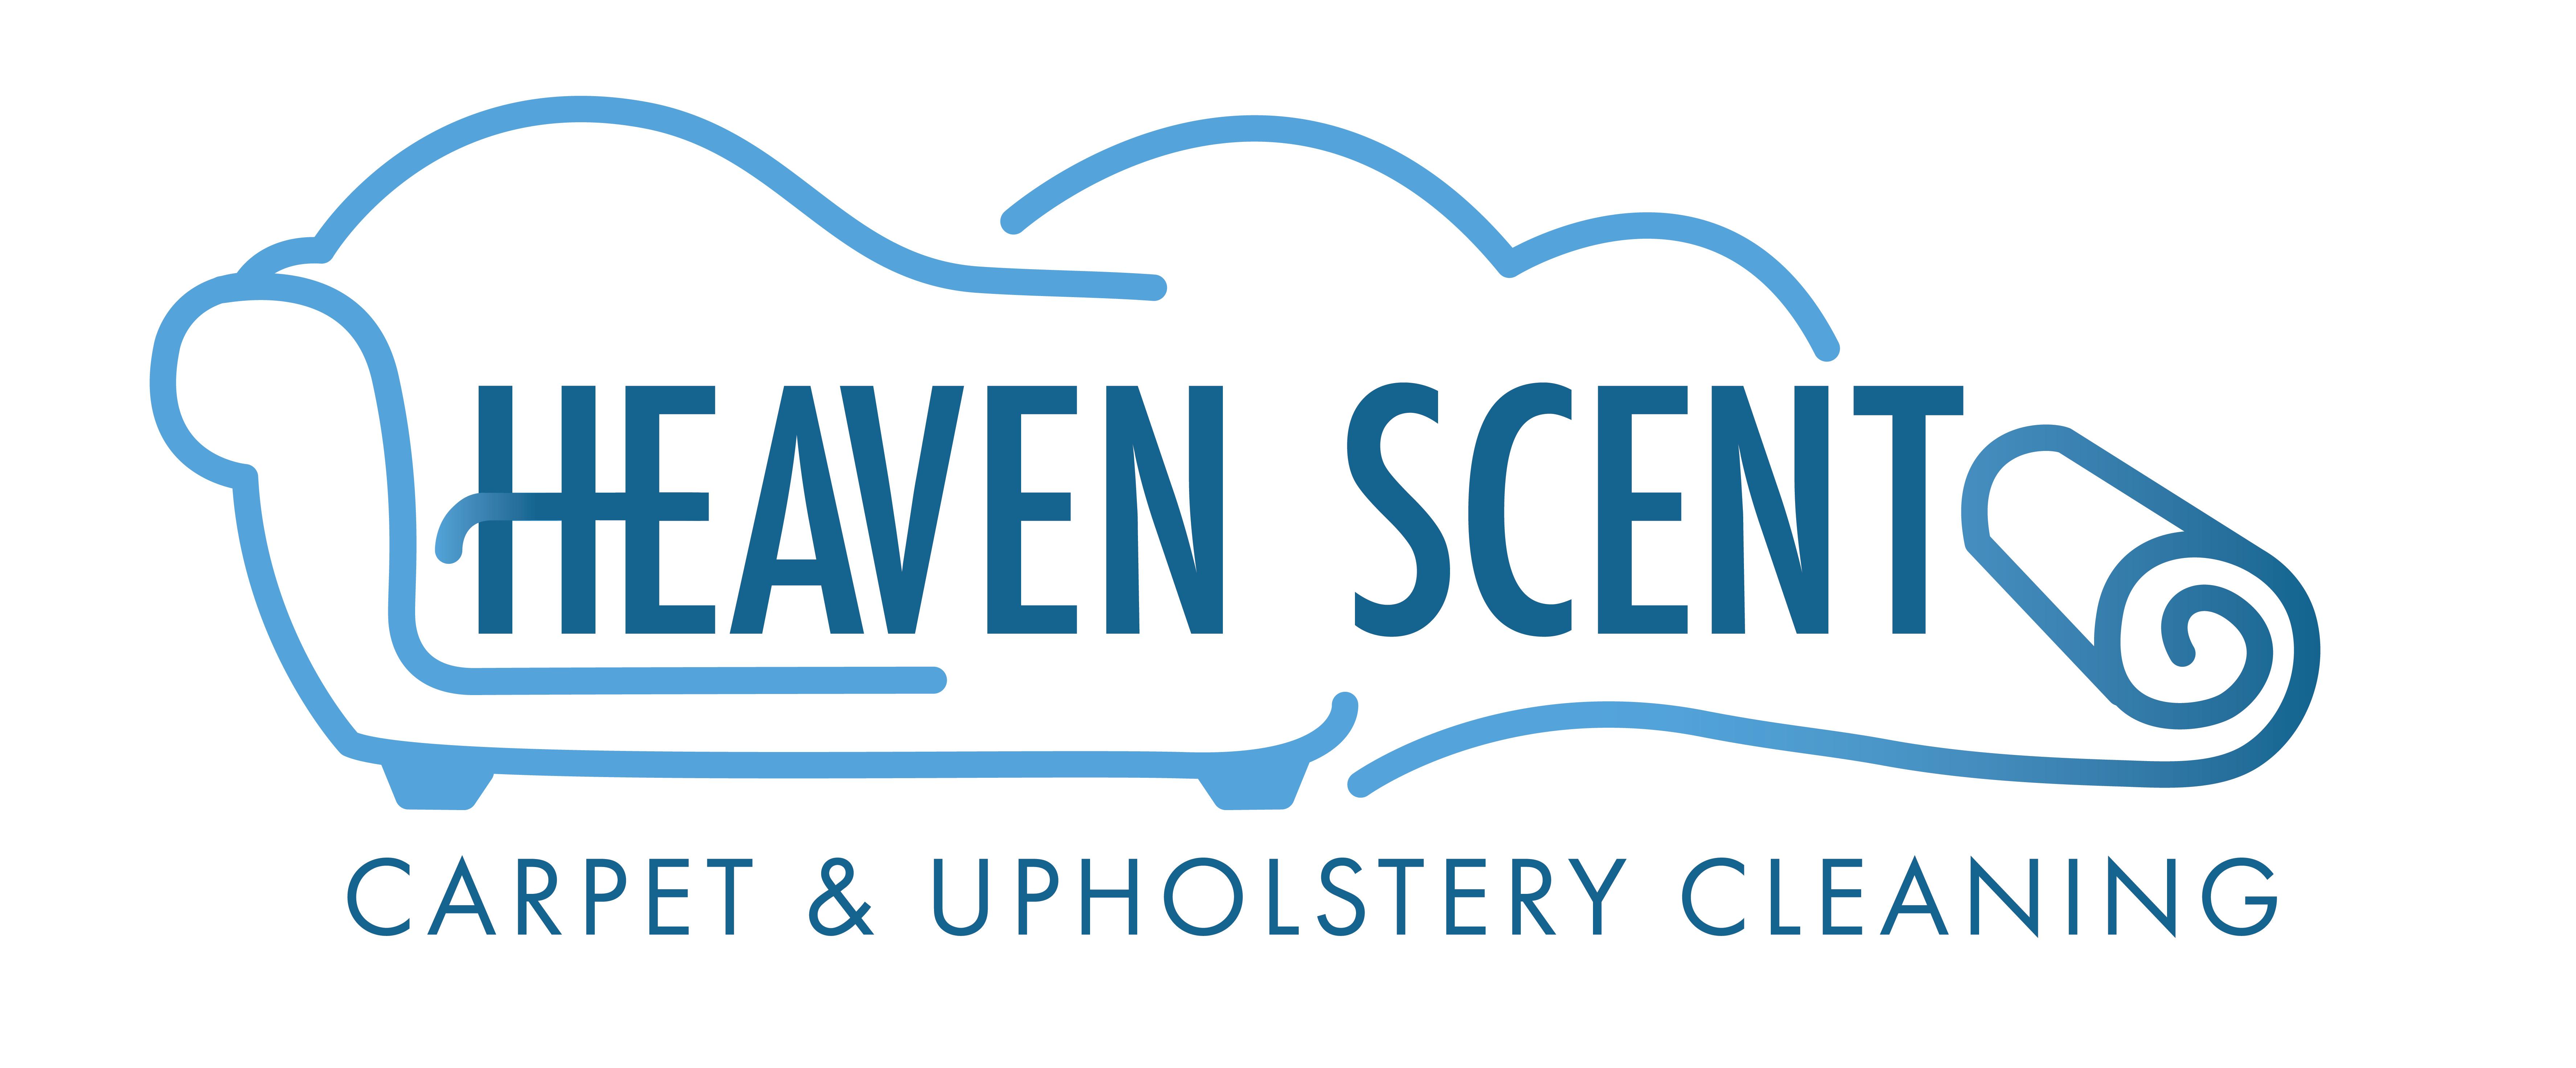 Heaven Scent Carpet & Upholstery Logo